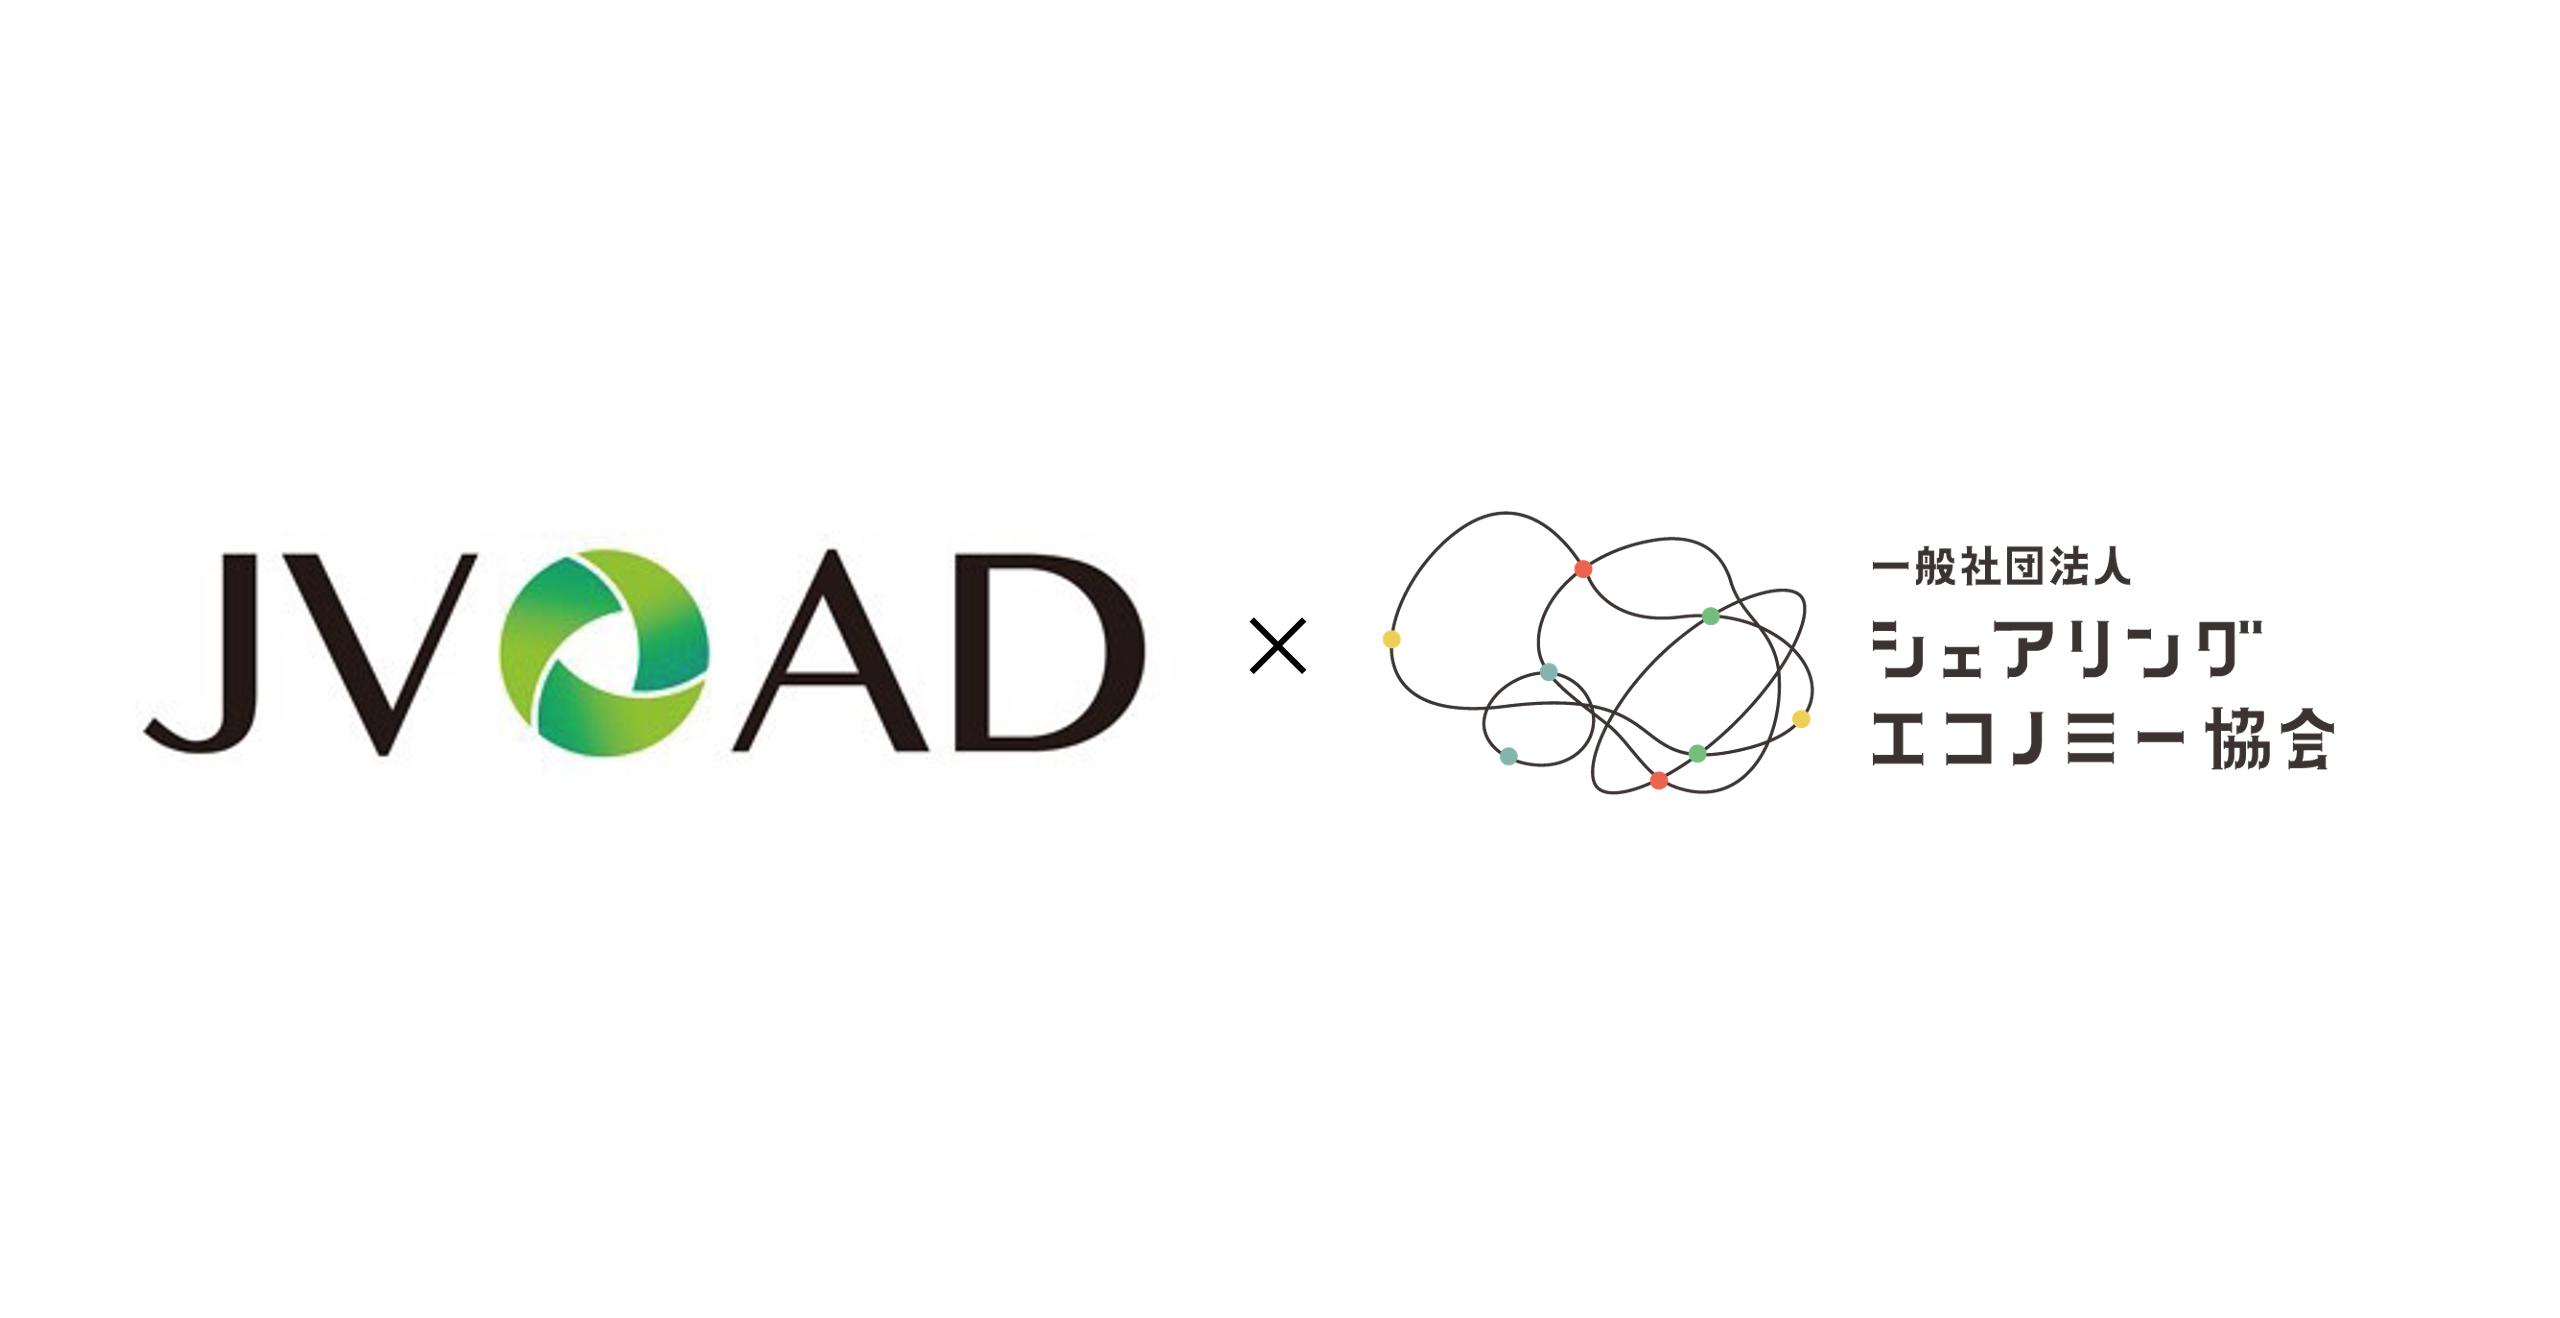 特定非営利活動法人全国災害ボランティア支援団体ネットワーク(JVOAD)との 災害対応に関する連携協定締結のお知らせ